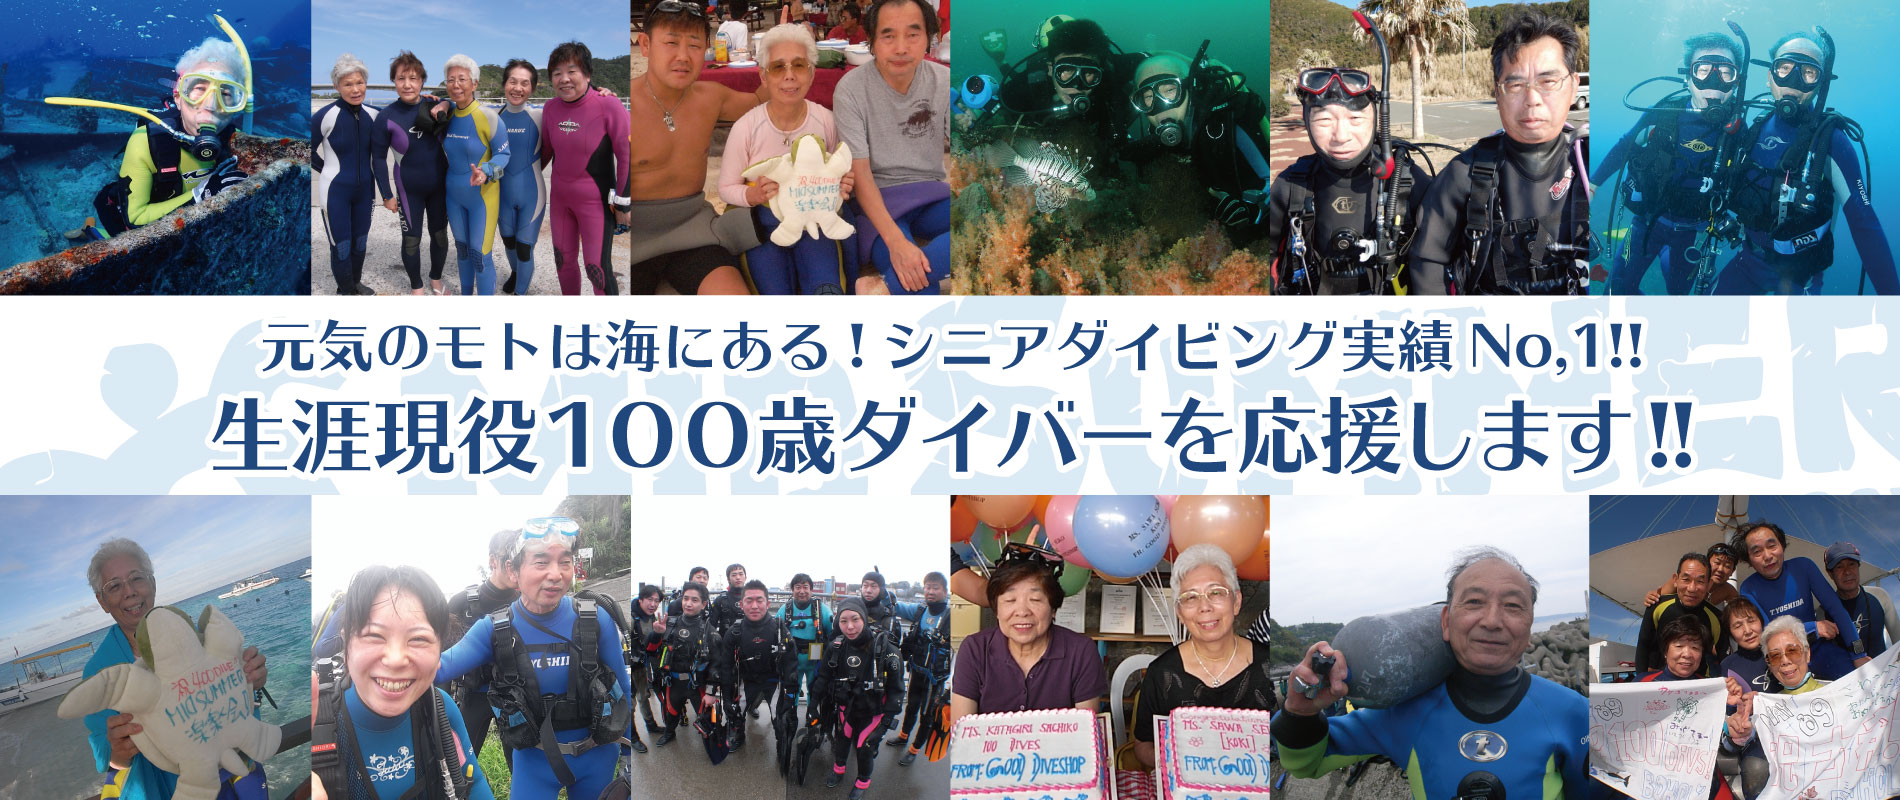 シニアダイビング実績No,1!!生涯現役100歳ダイバーを応援します!!